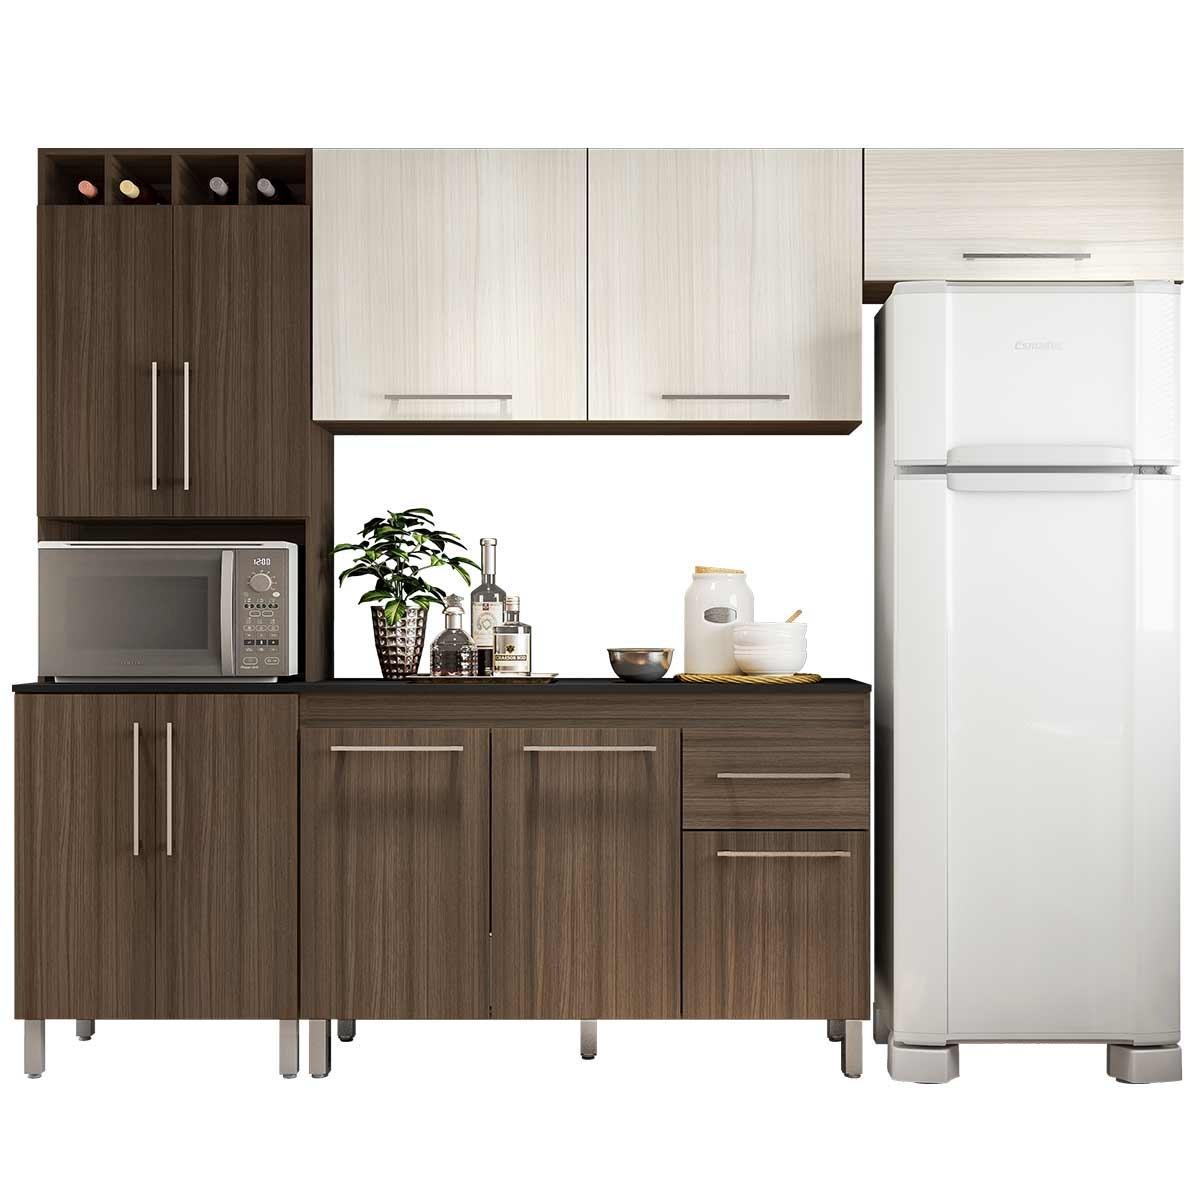 Cozinha Completa Elisa 4 Pe As Poliman Am Ndoa Arena R 974 90 Em